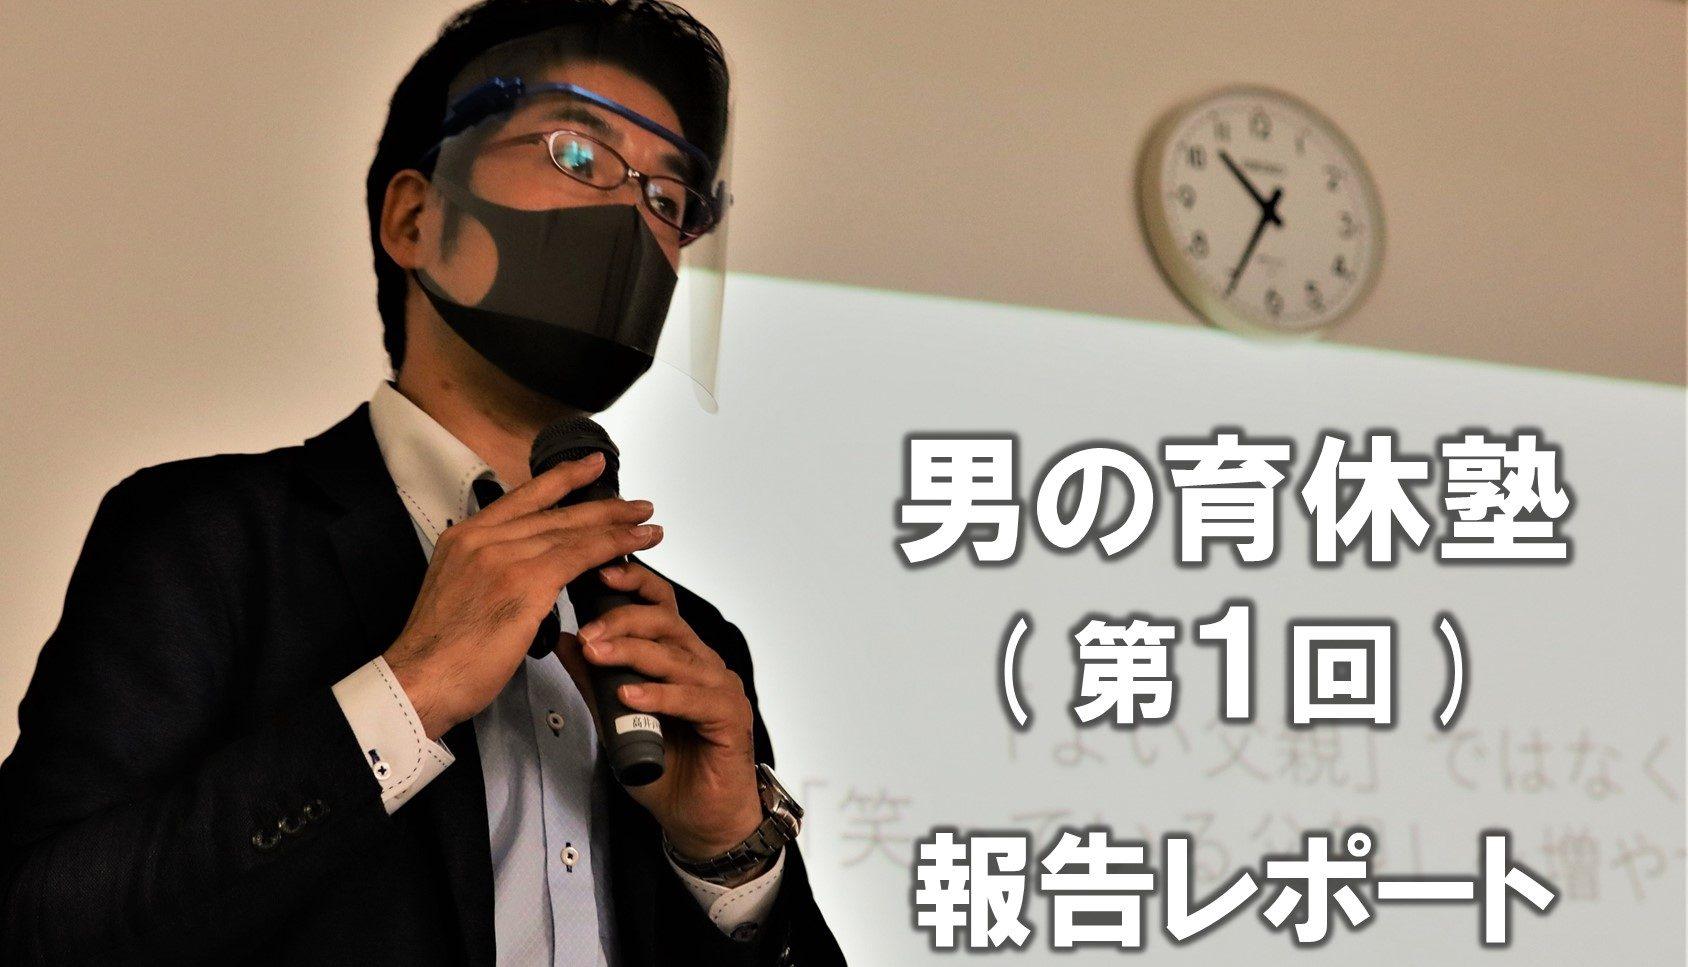 【イベント開催報告】 男の育休塾!「僕も育休取っていいですか?」